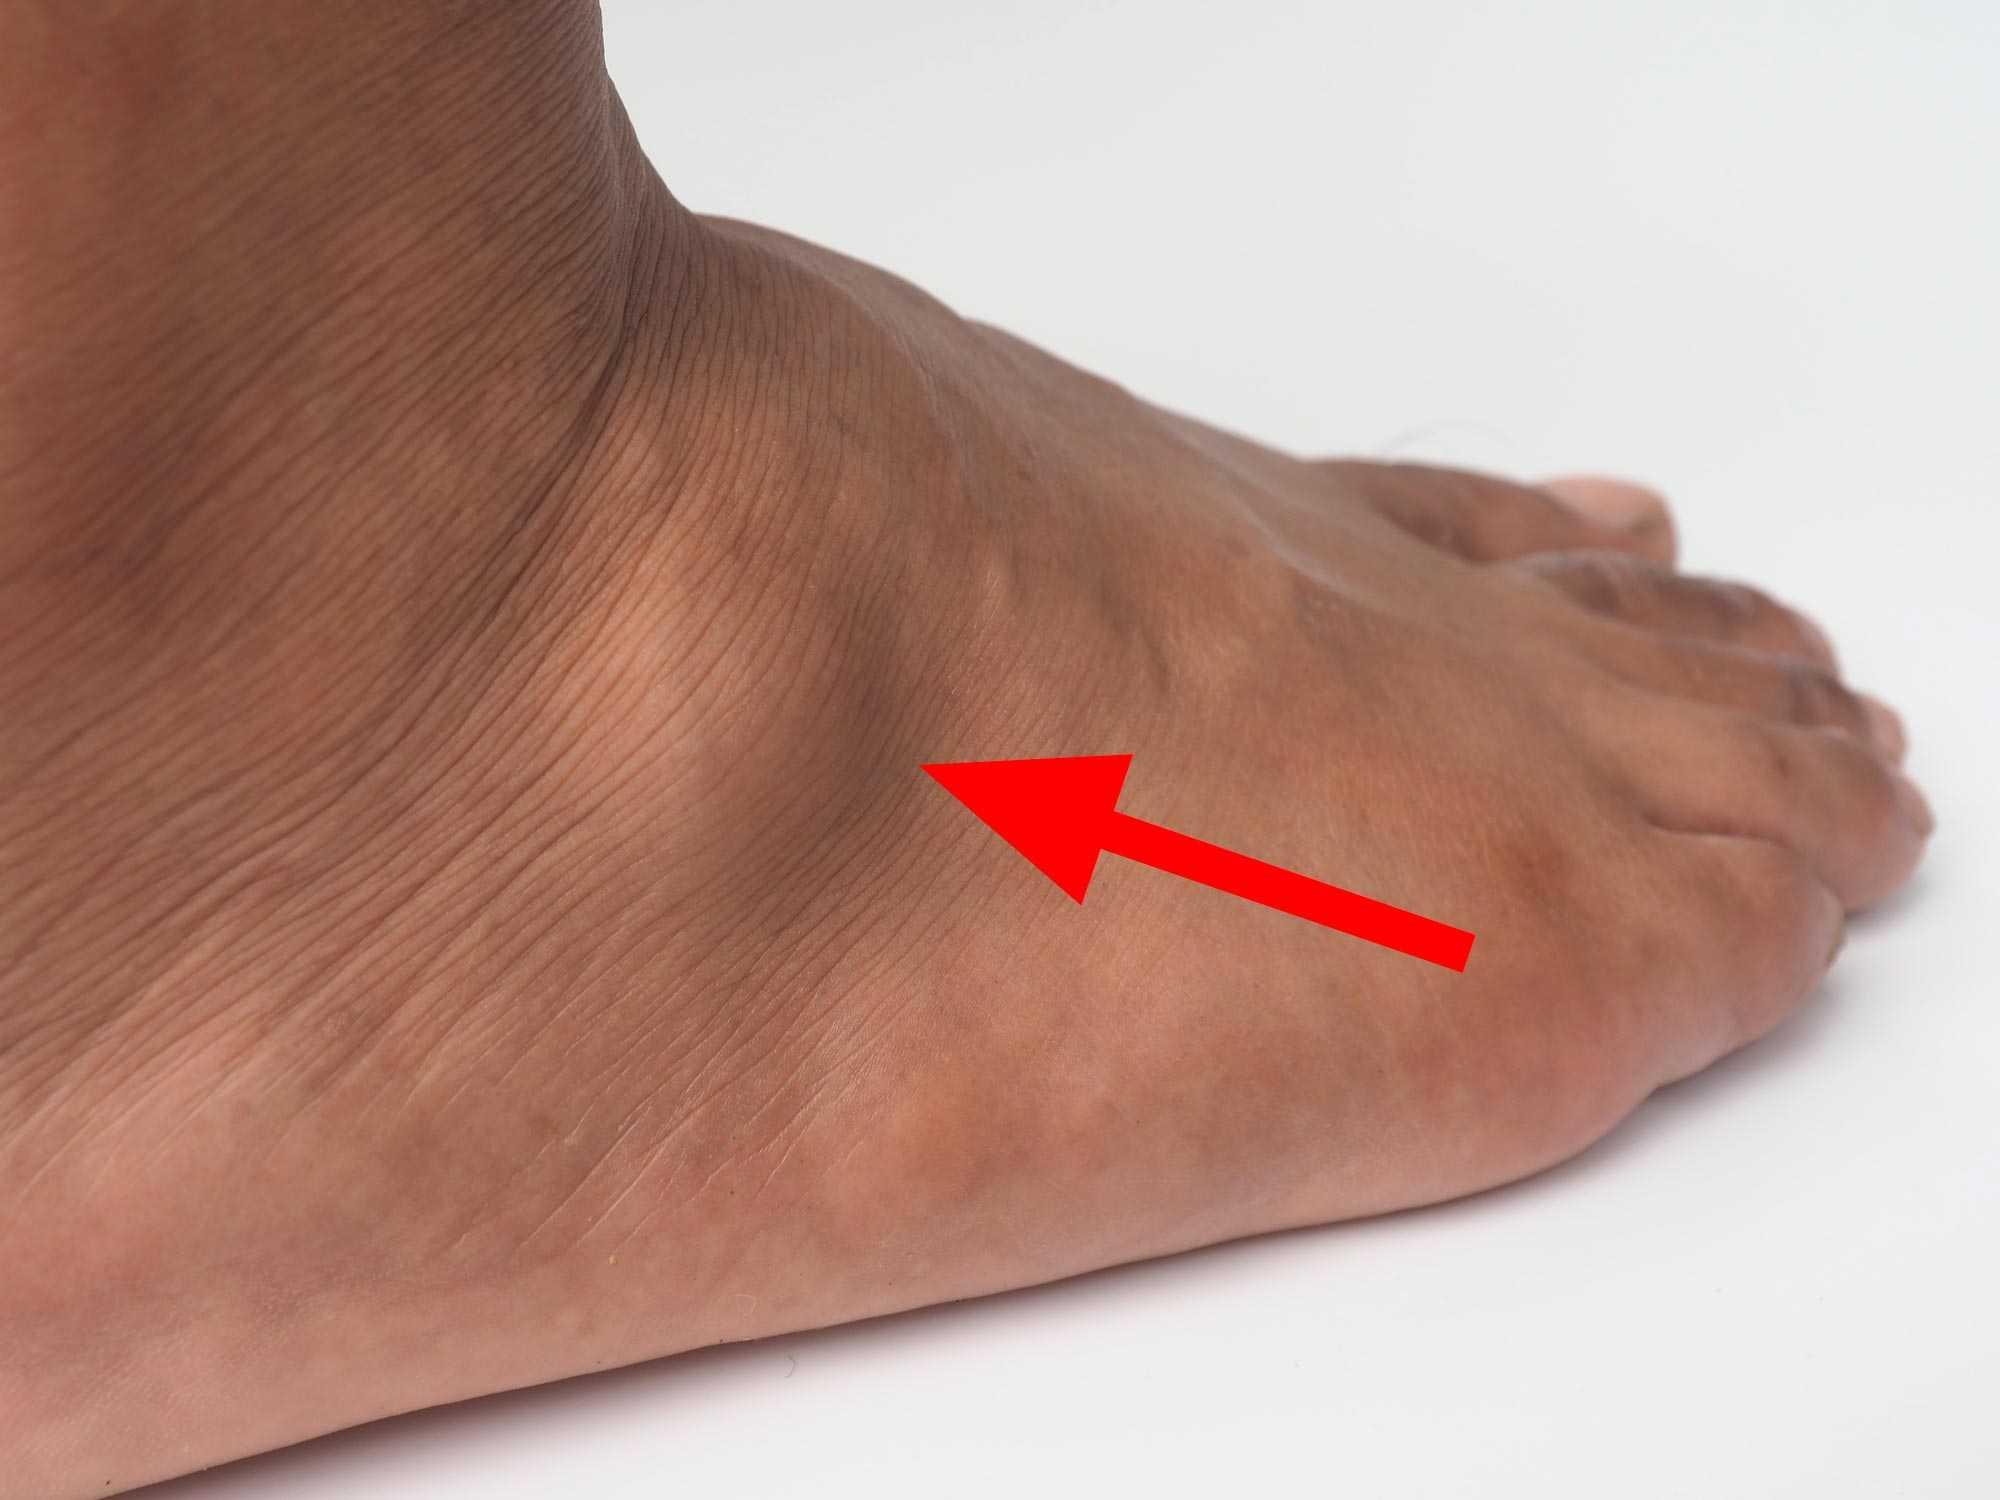 Wie wird ein Überbein am Fußrücken behandelt?